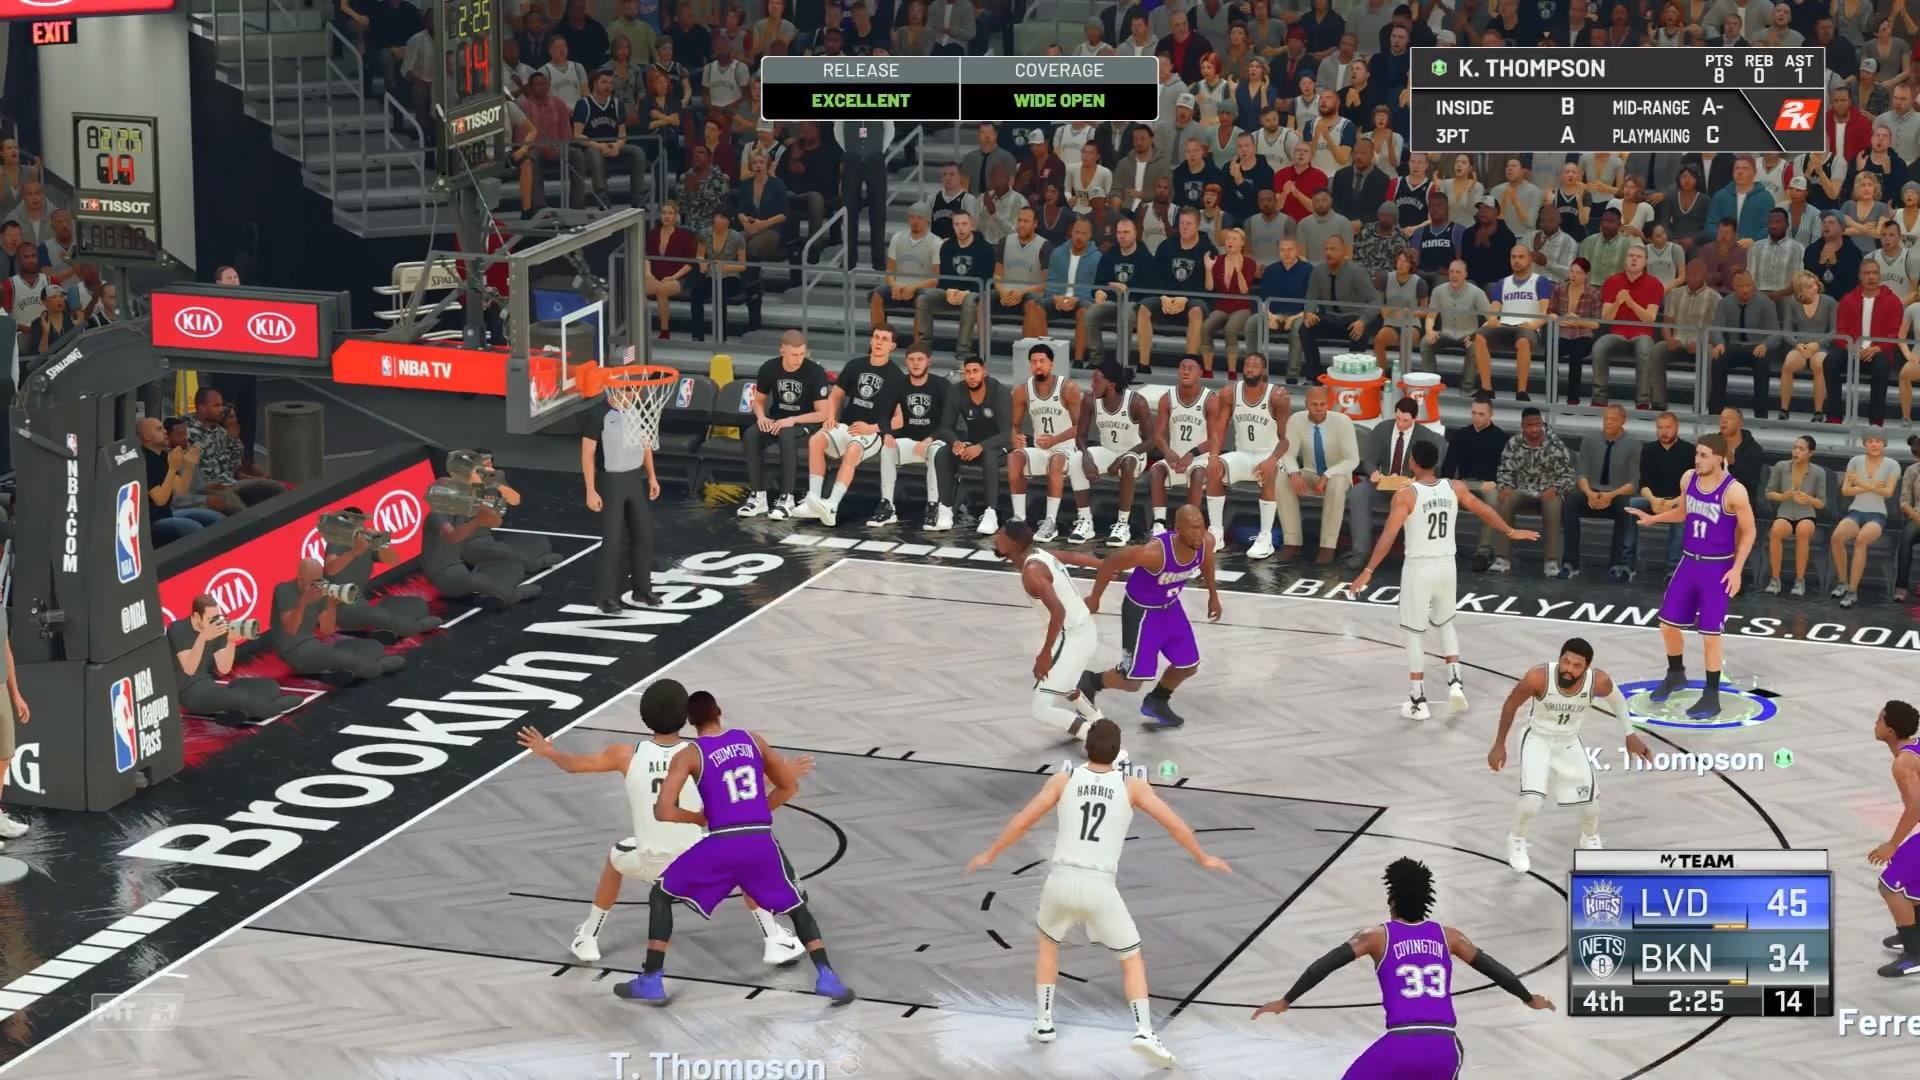 """Conseguir um """"excelente"""" não é fácil em NBA 2K21"""